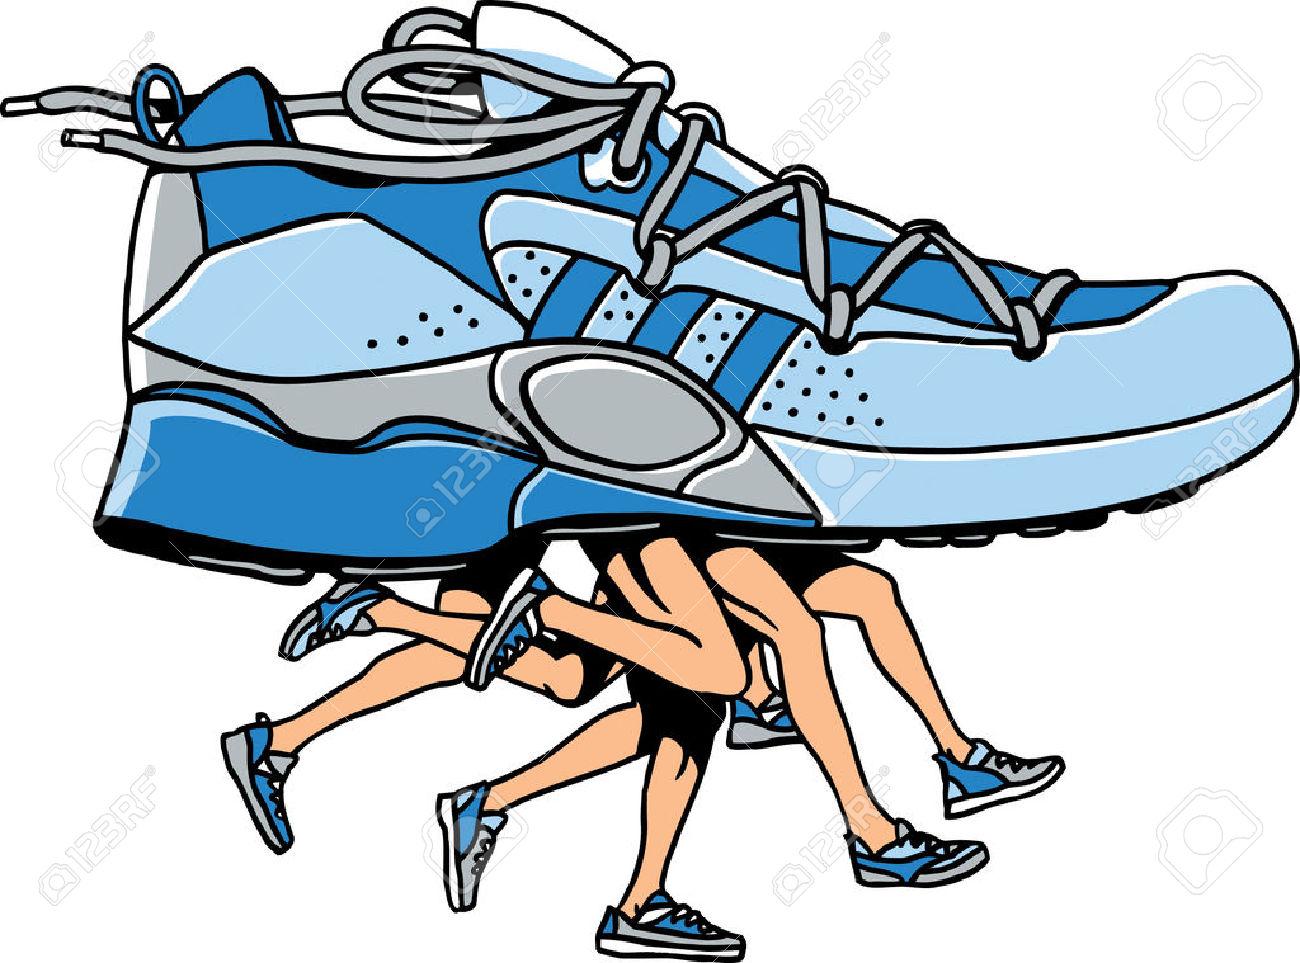 1300x963 Cartoon Clipart Running Shoe